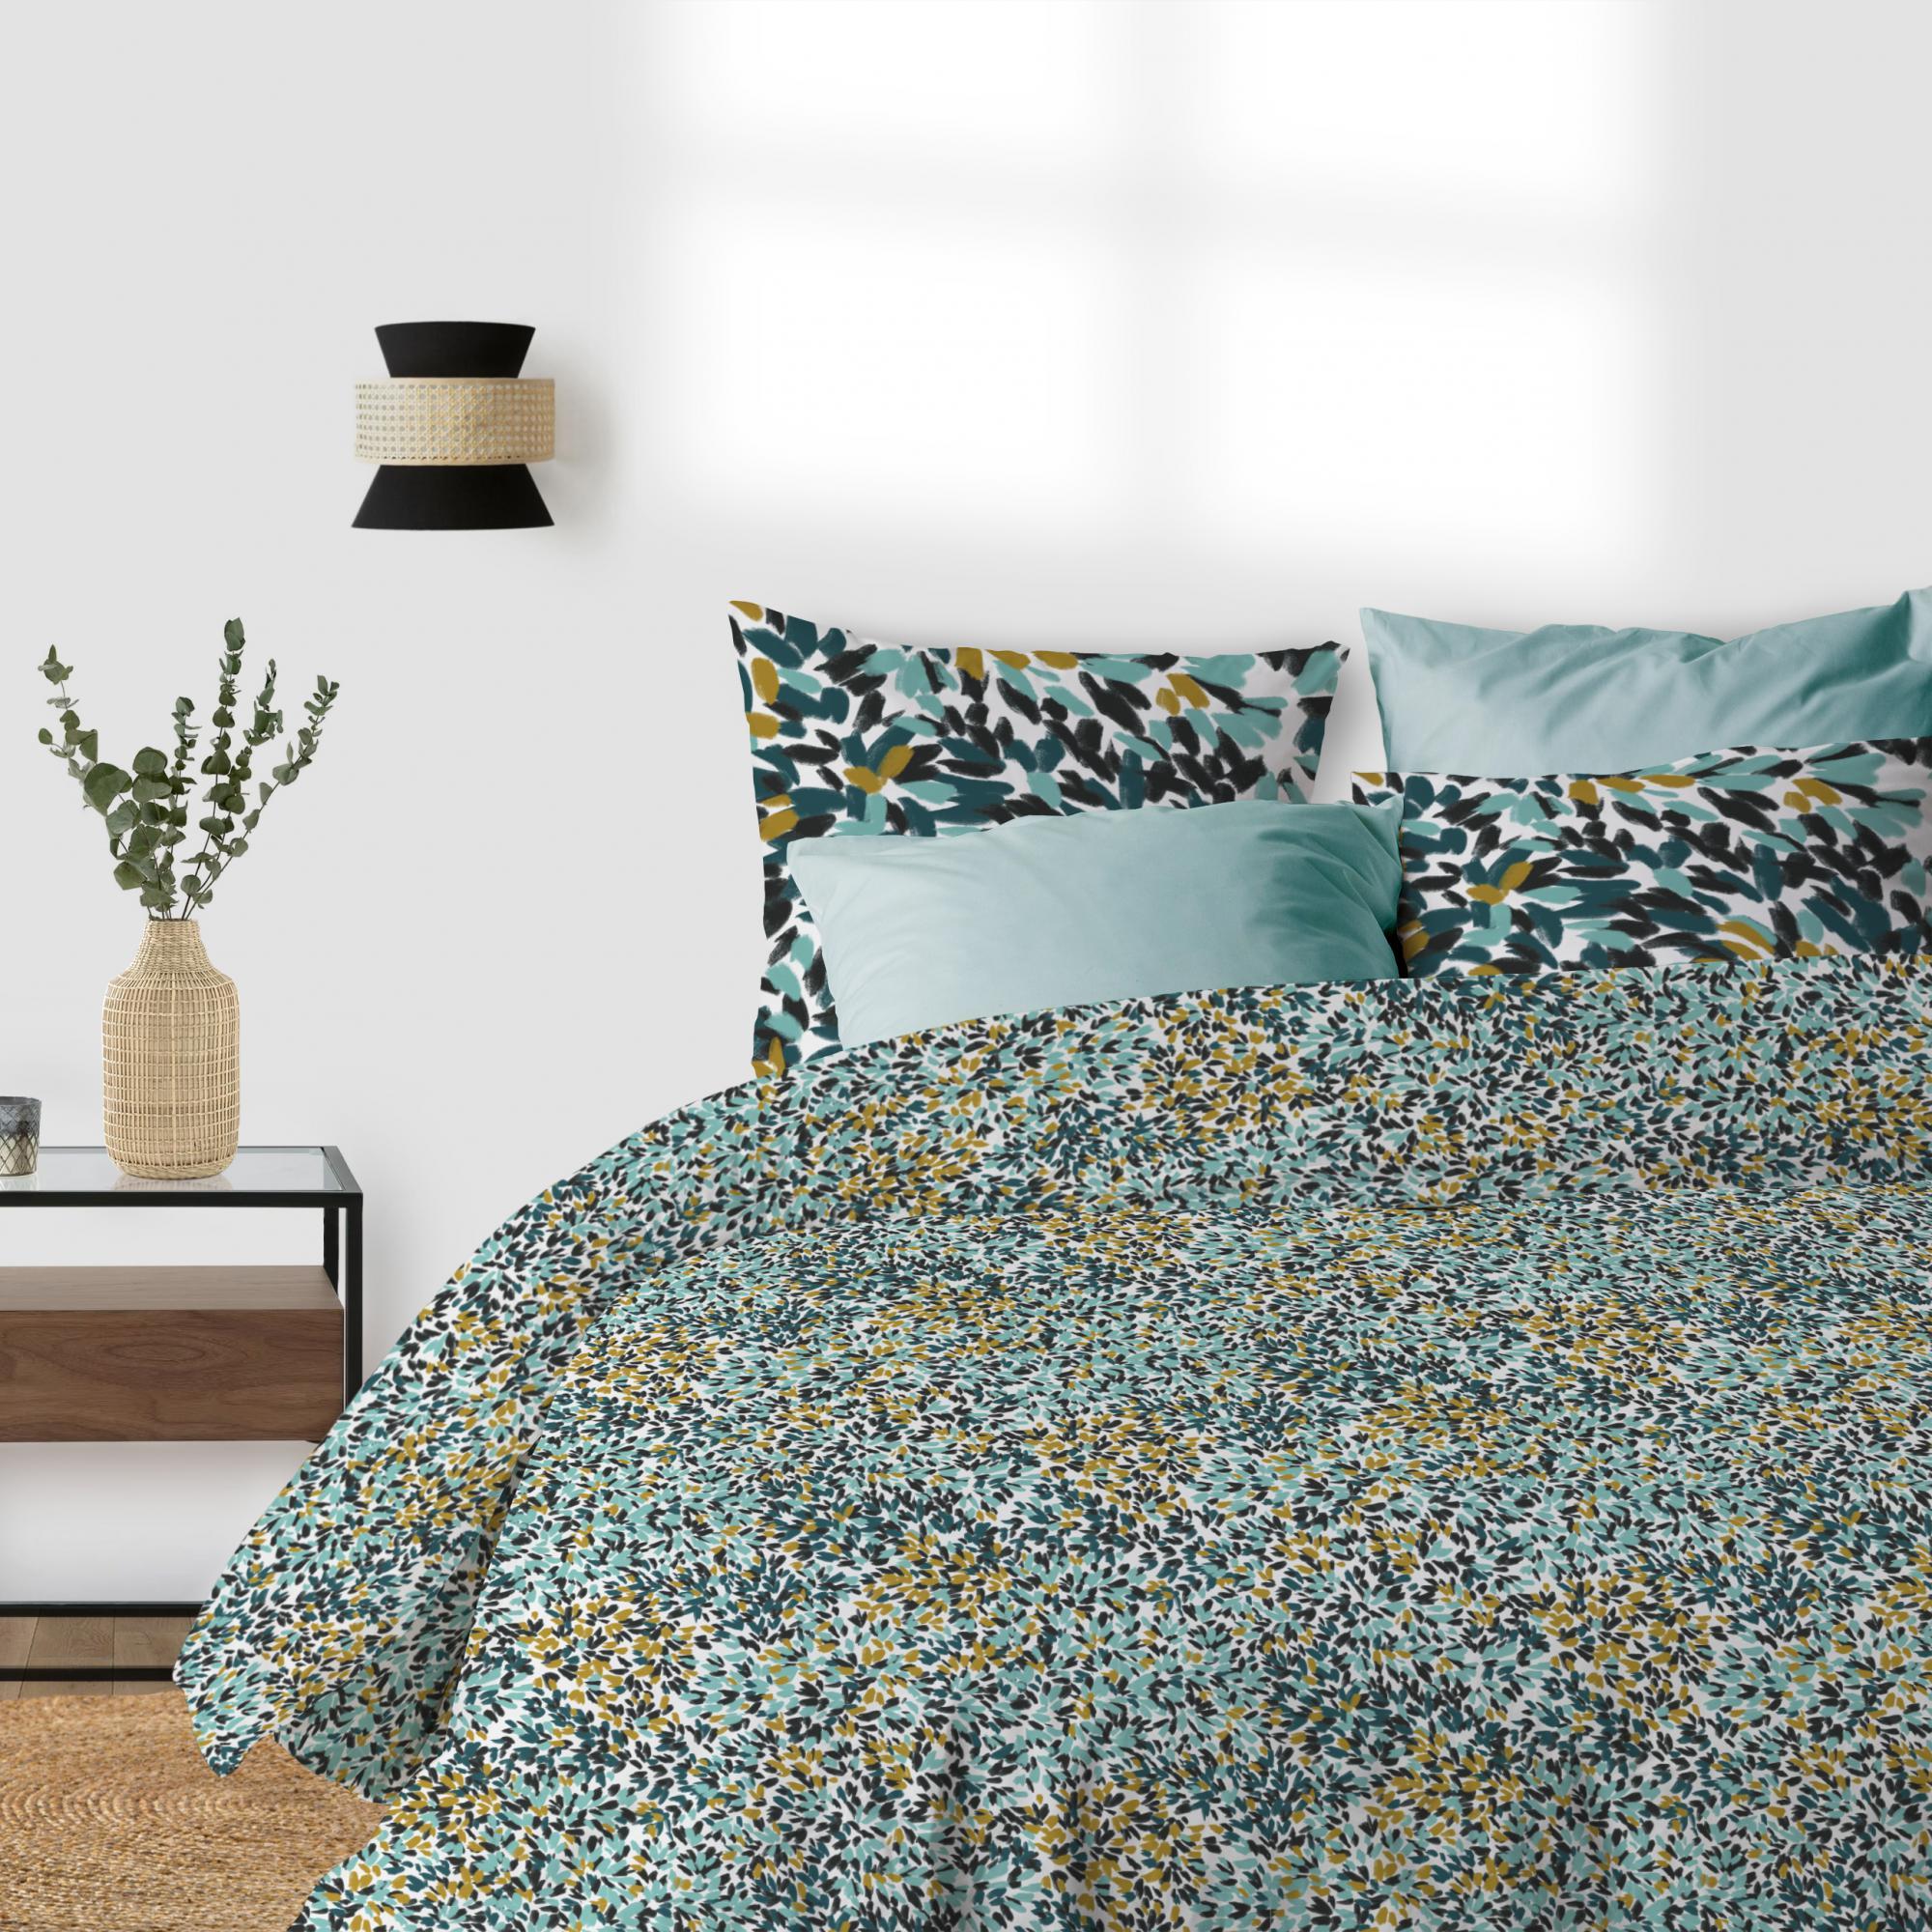 Parure de lit Bio 2 personnes Telma avec housse de couette et taies d'oreiller Imprimé 260 x 240